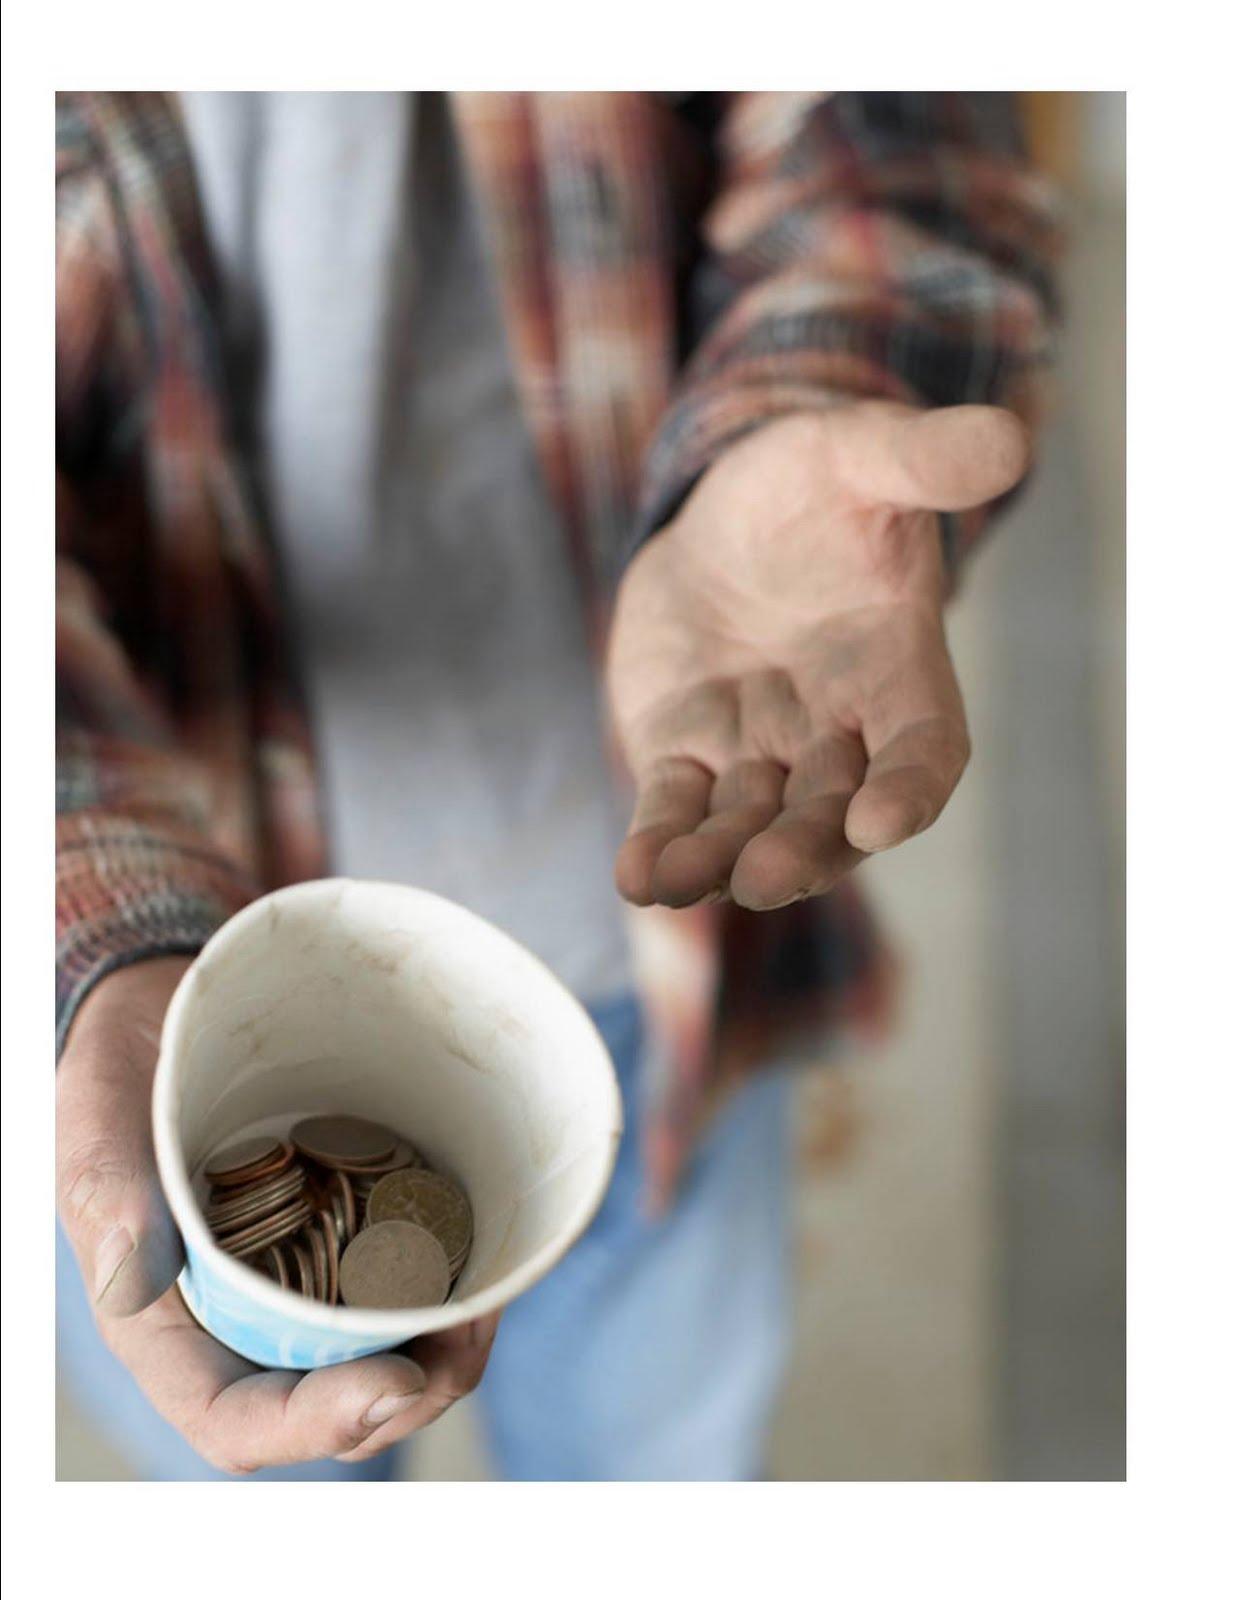 http://2.bp.blogspot.com/-9mdGrexr3AI/TYAJSsYx3AI/AAAAAAAAAPU/5GtO2pLxgzc/s1600/homeless2.jpg